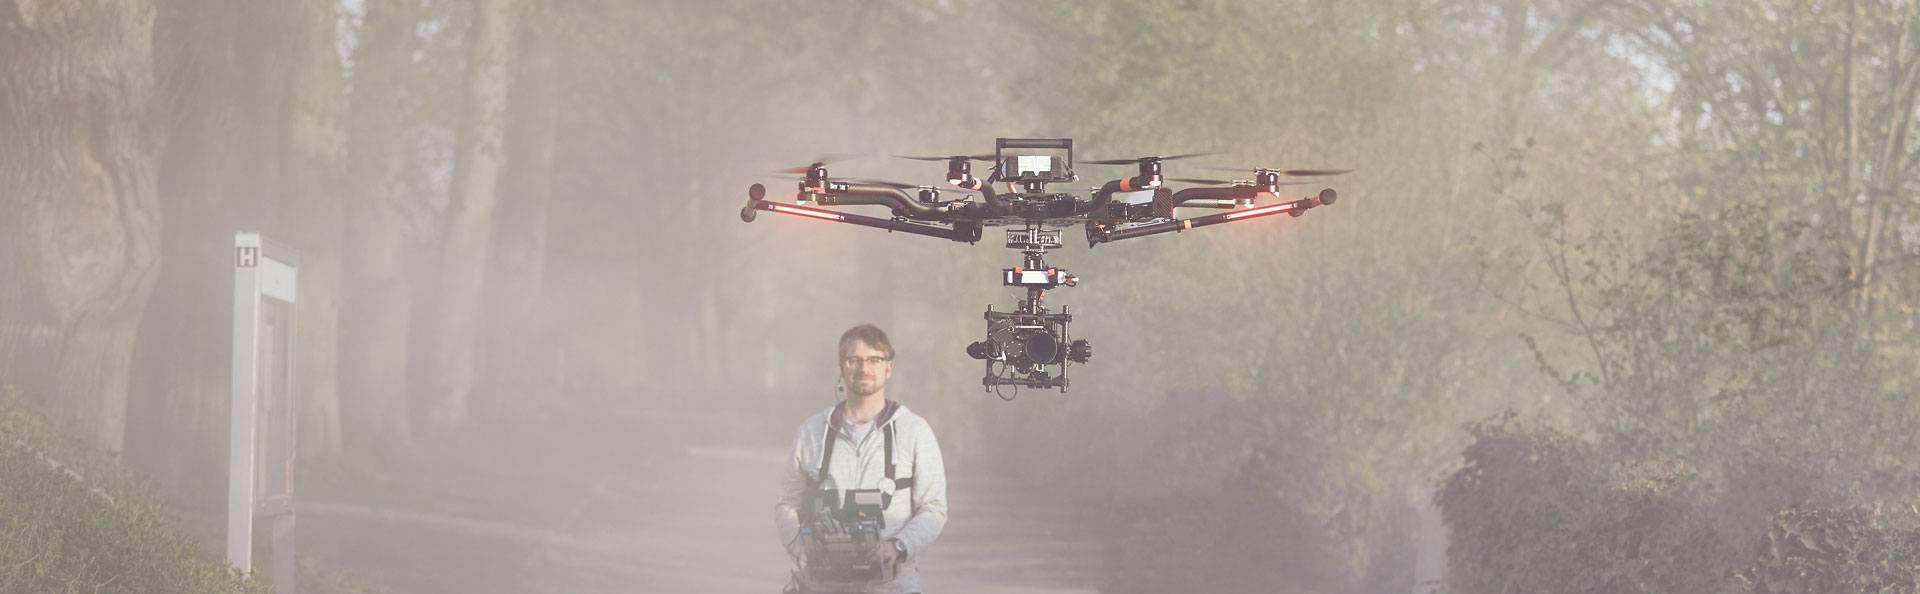 freefly alta 8 fliegt vor dem Piloten Simon Eymann von kopterwork